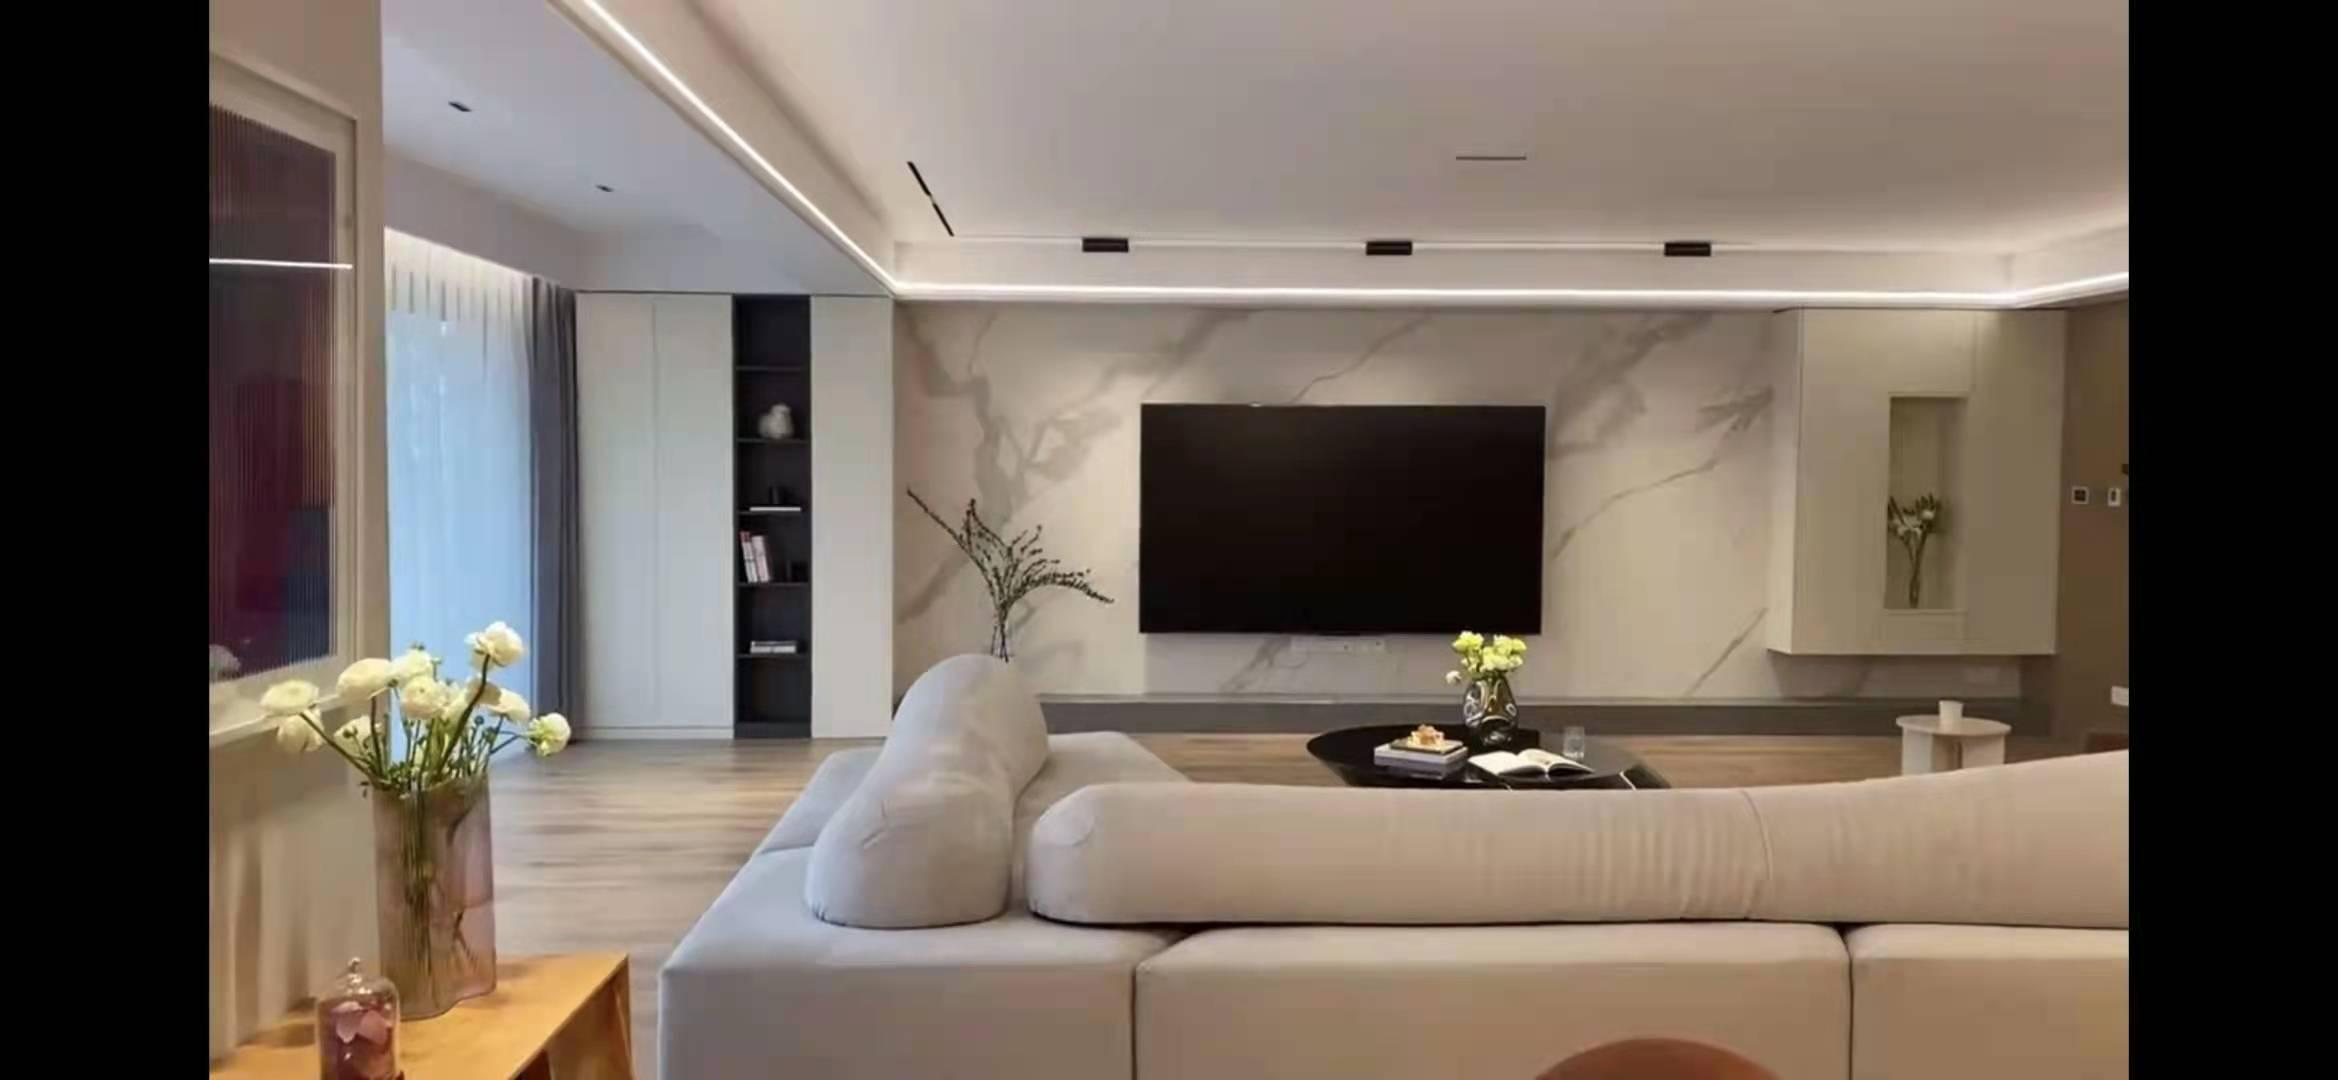 岩板电视背景墙